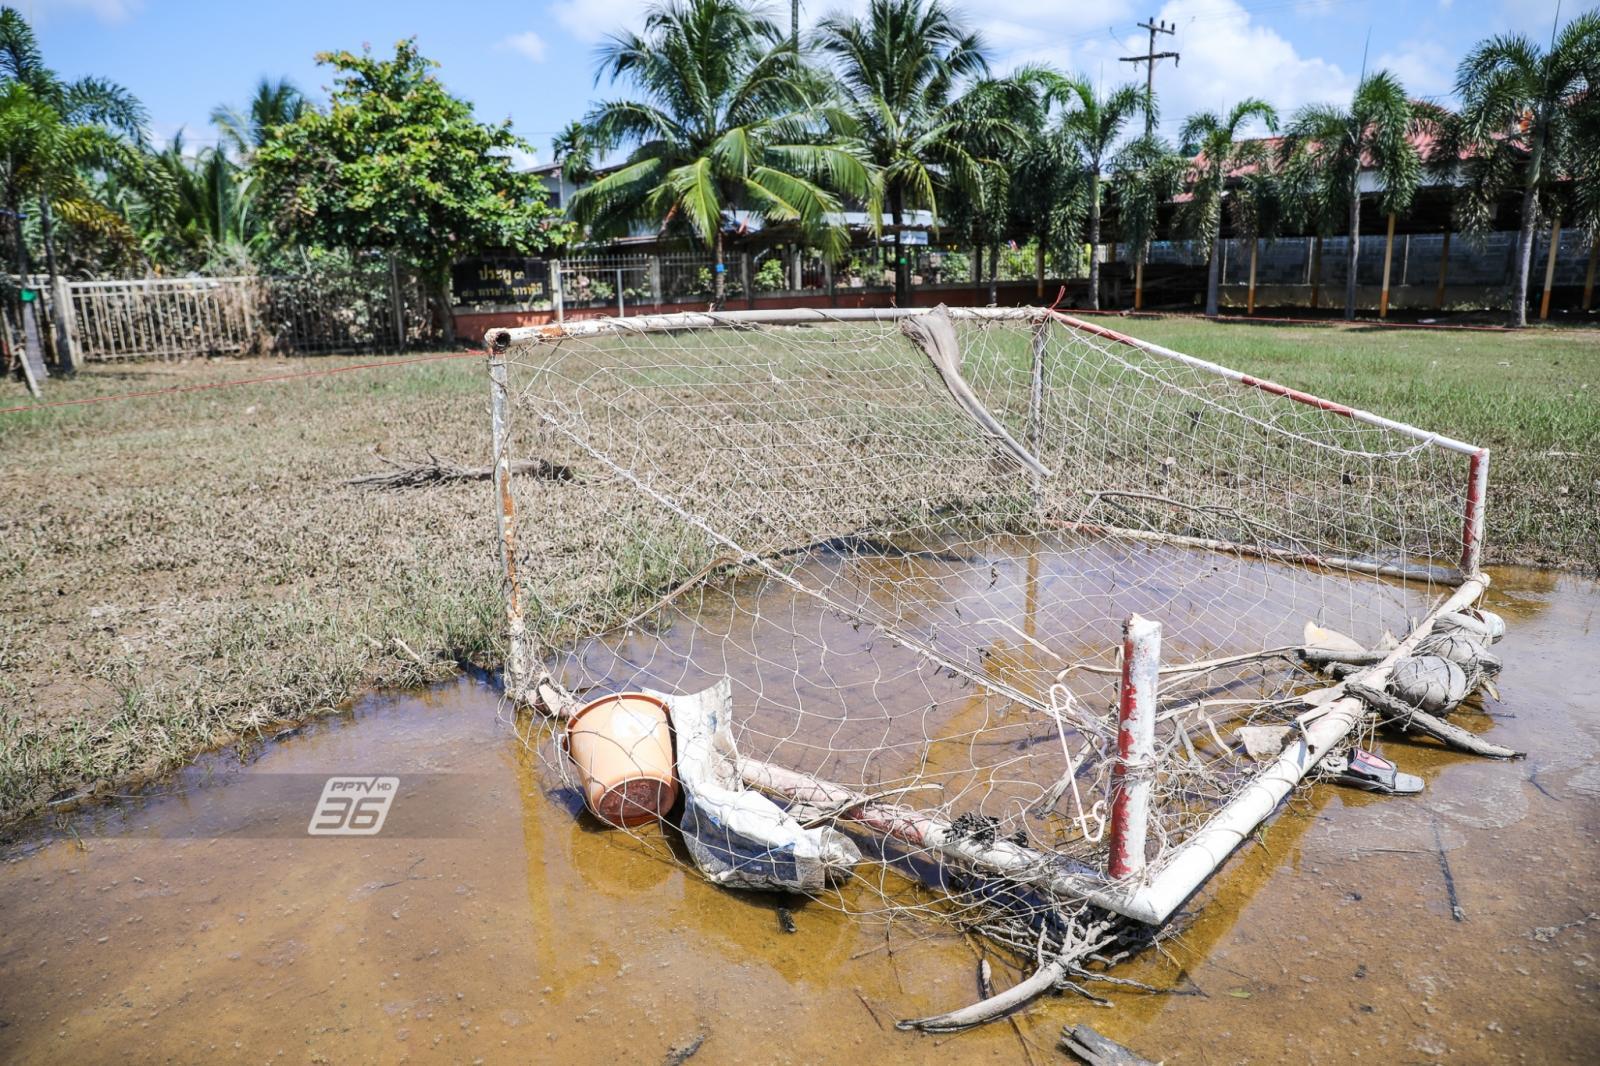 นร.เร่งทำความสะอาด รร.บ้านท่าเมือง จ.อุบลฯ หลังน้ำลดสู่ภาวะปกติ